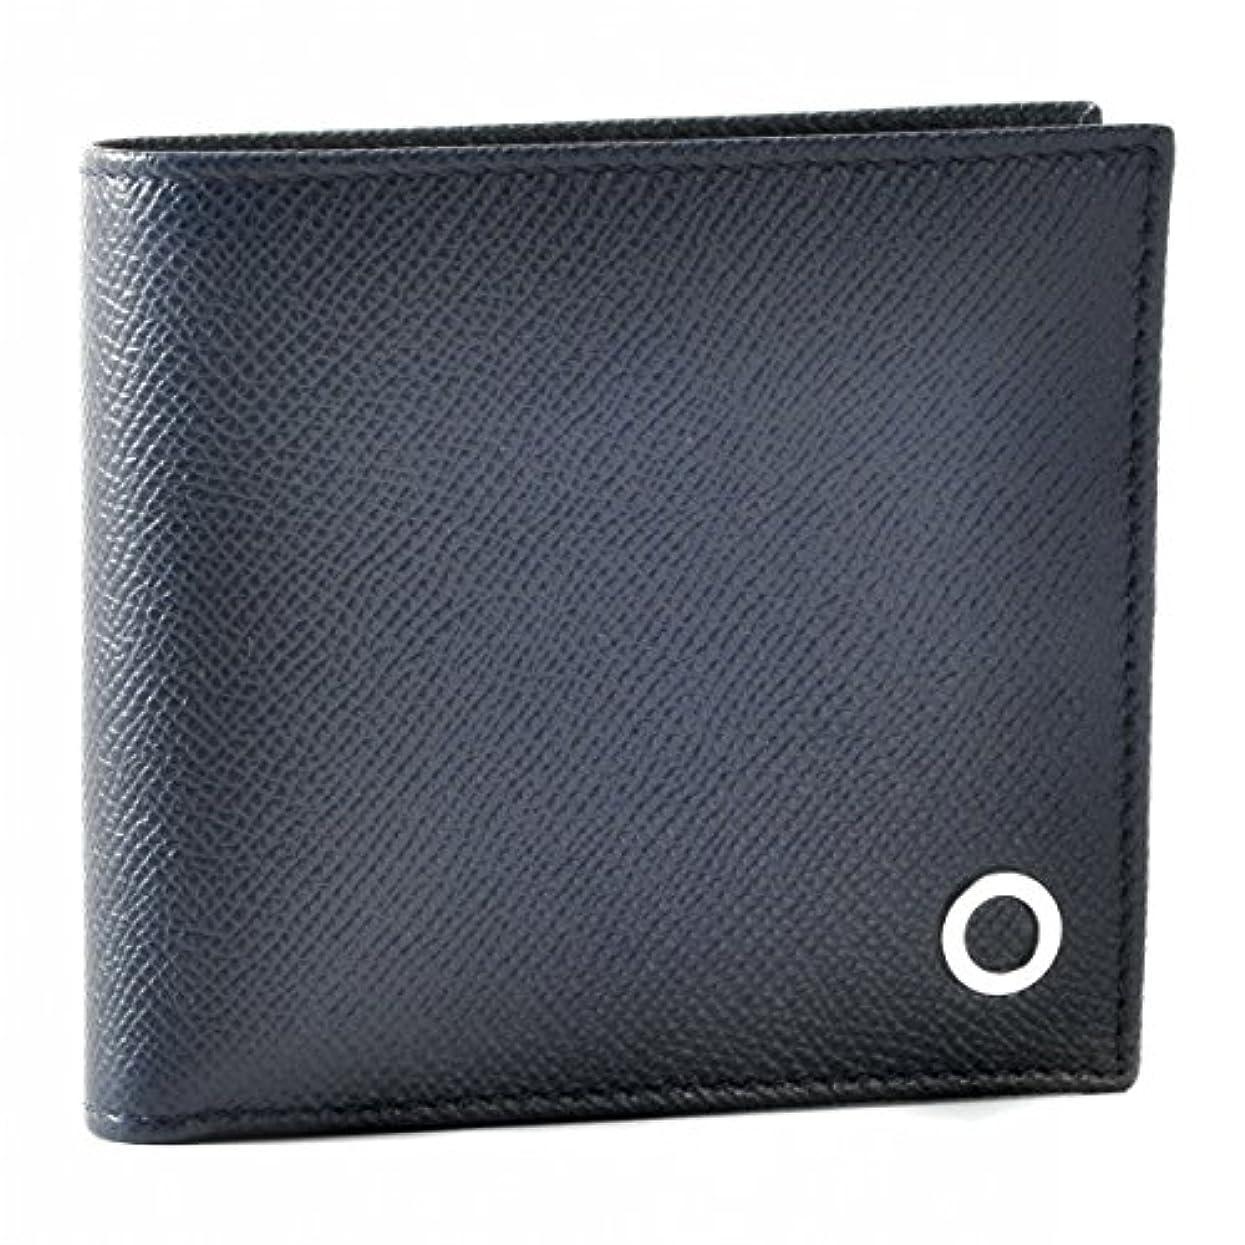 強調気づく傾向がありますBVLGARI(ブルガリ) 財布 メンズ BVLGARI BVLGARI MAN 2つ折り財布 ネイビー 39324-0003-0054 [並行輸入品]